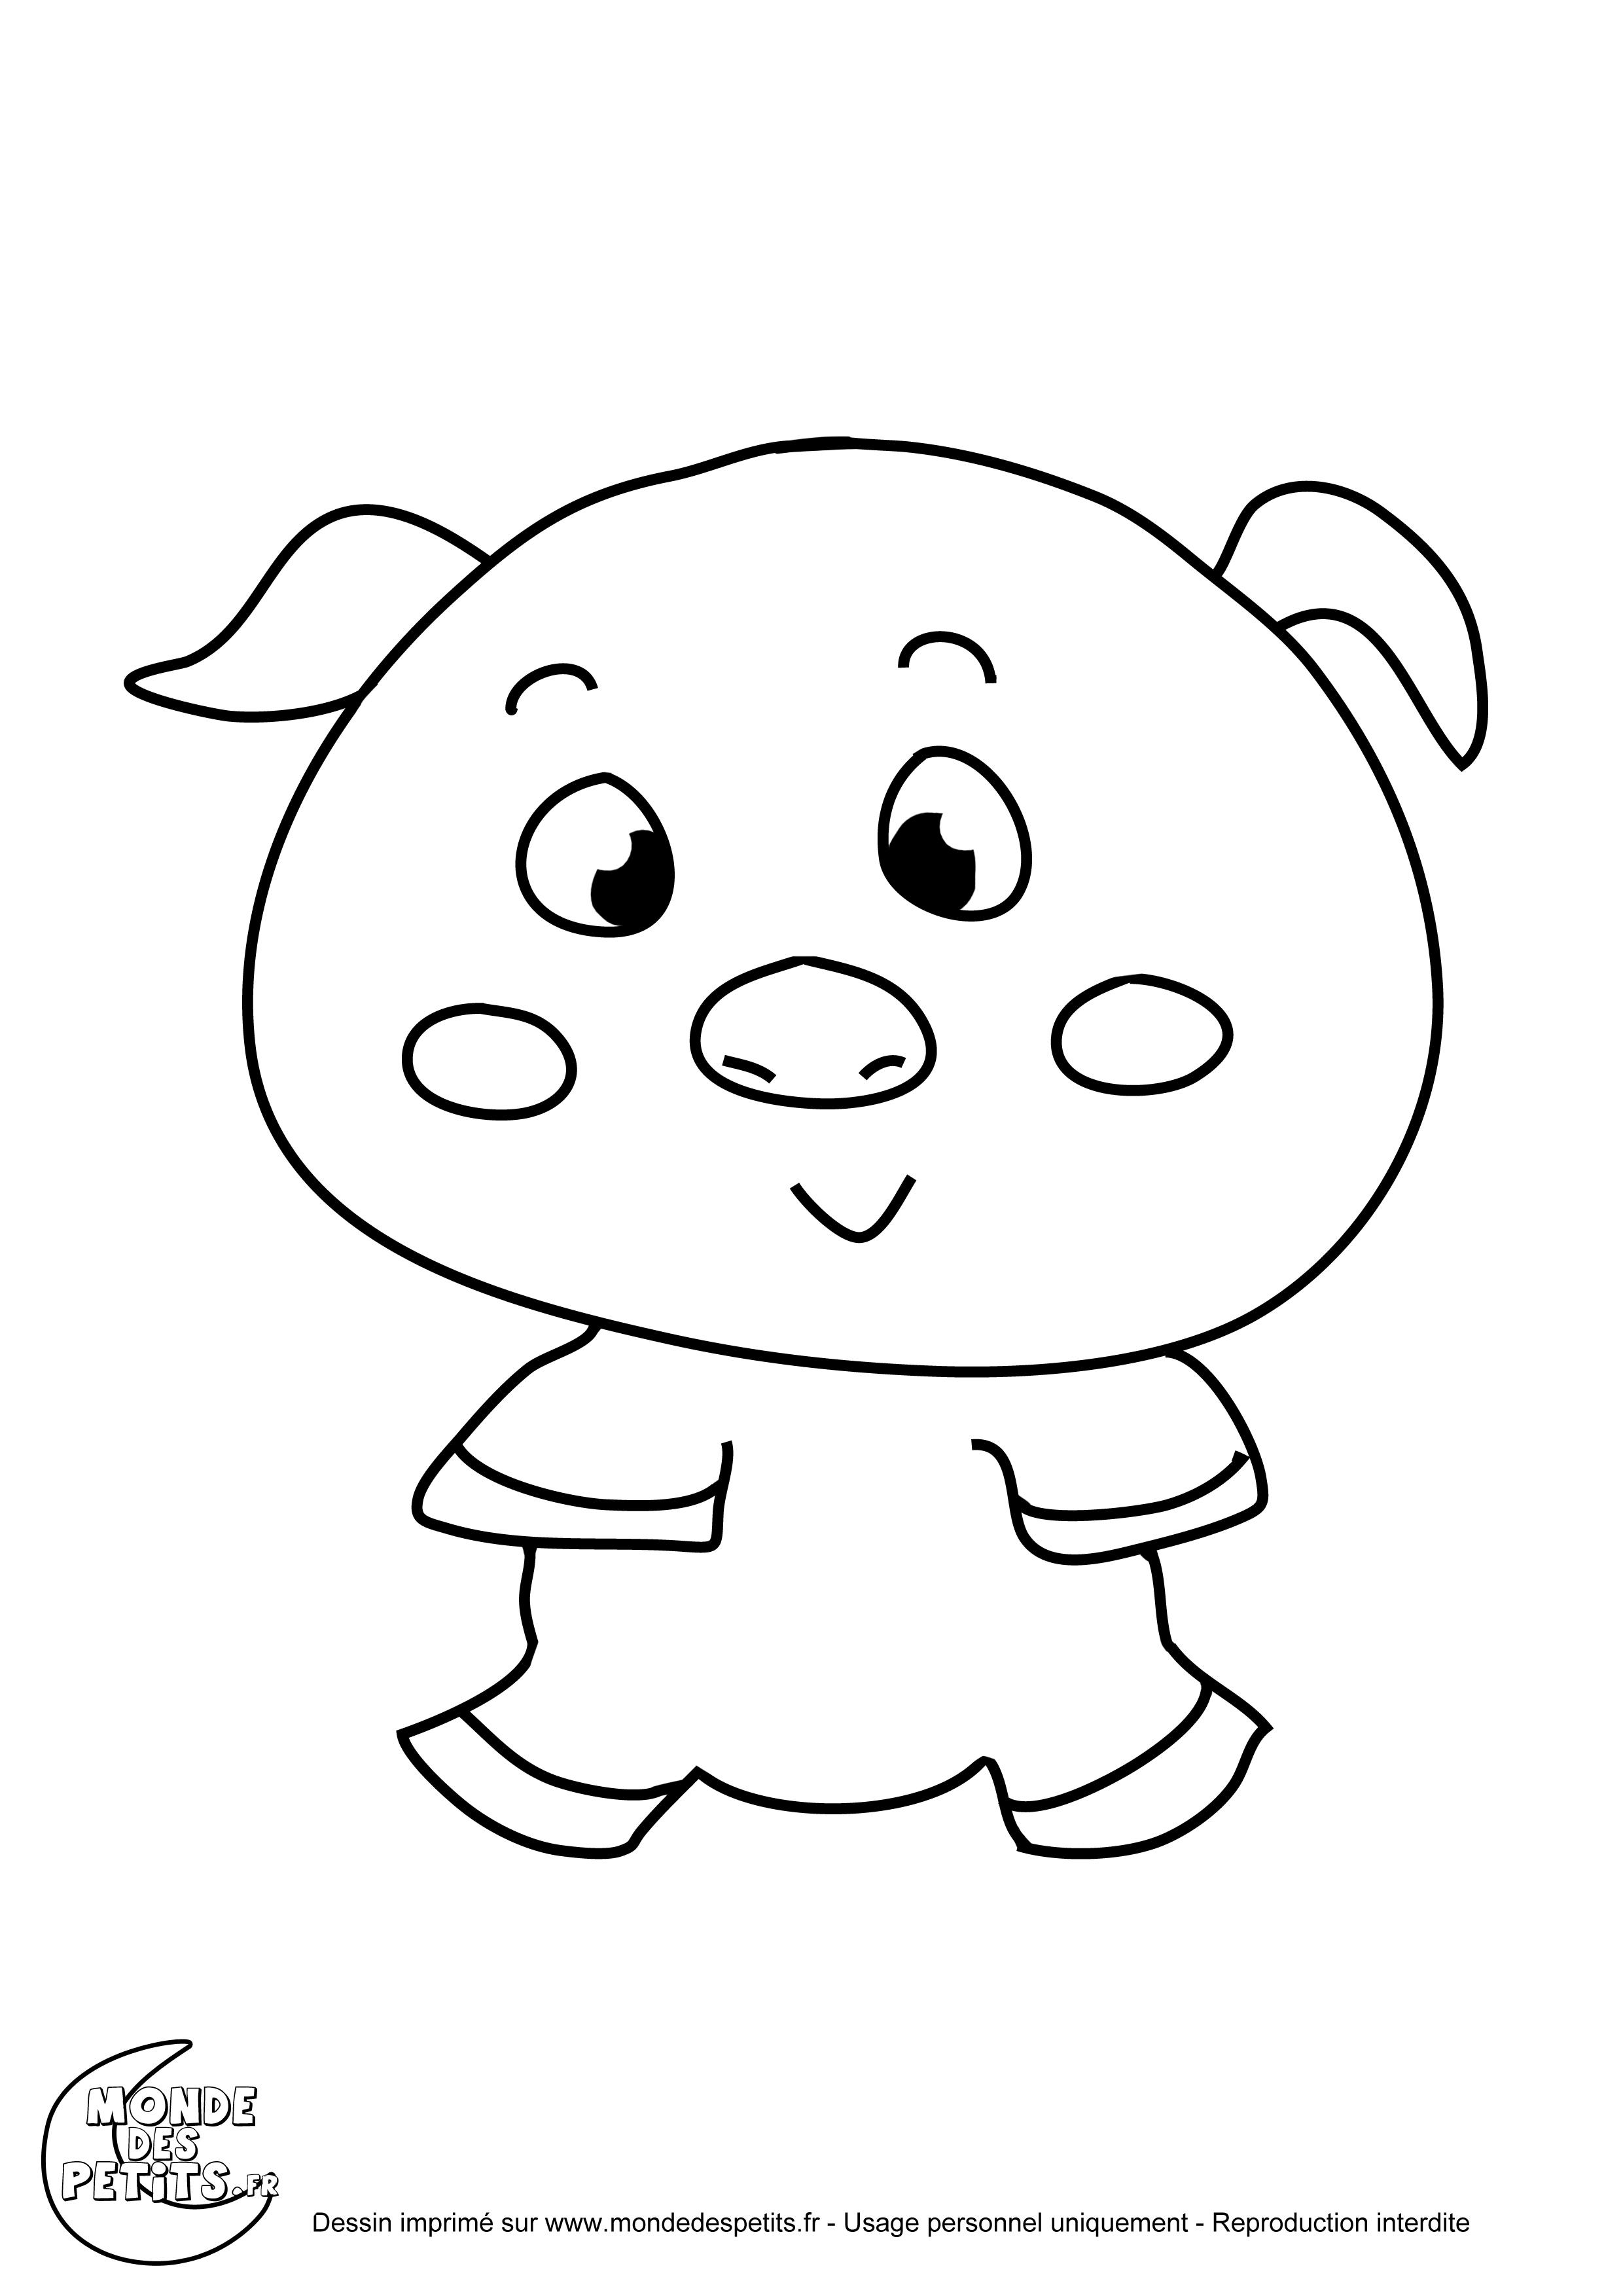 Monde des petits coloriages imprimer - Dessin cochon ...